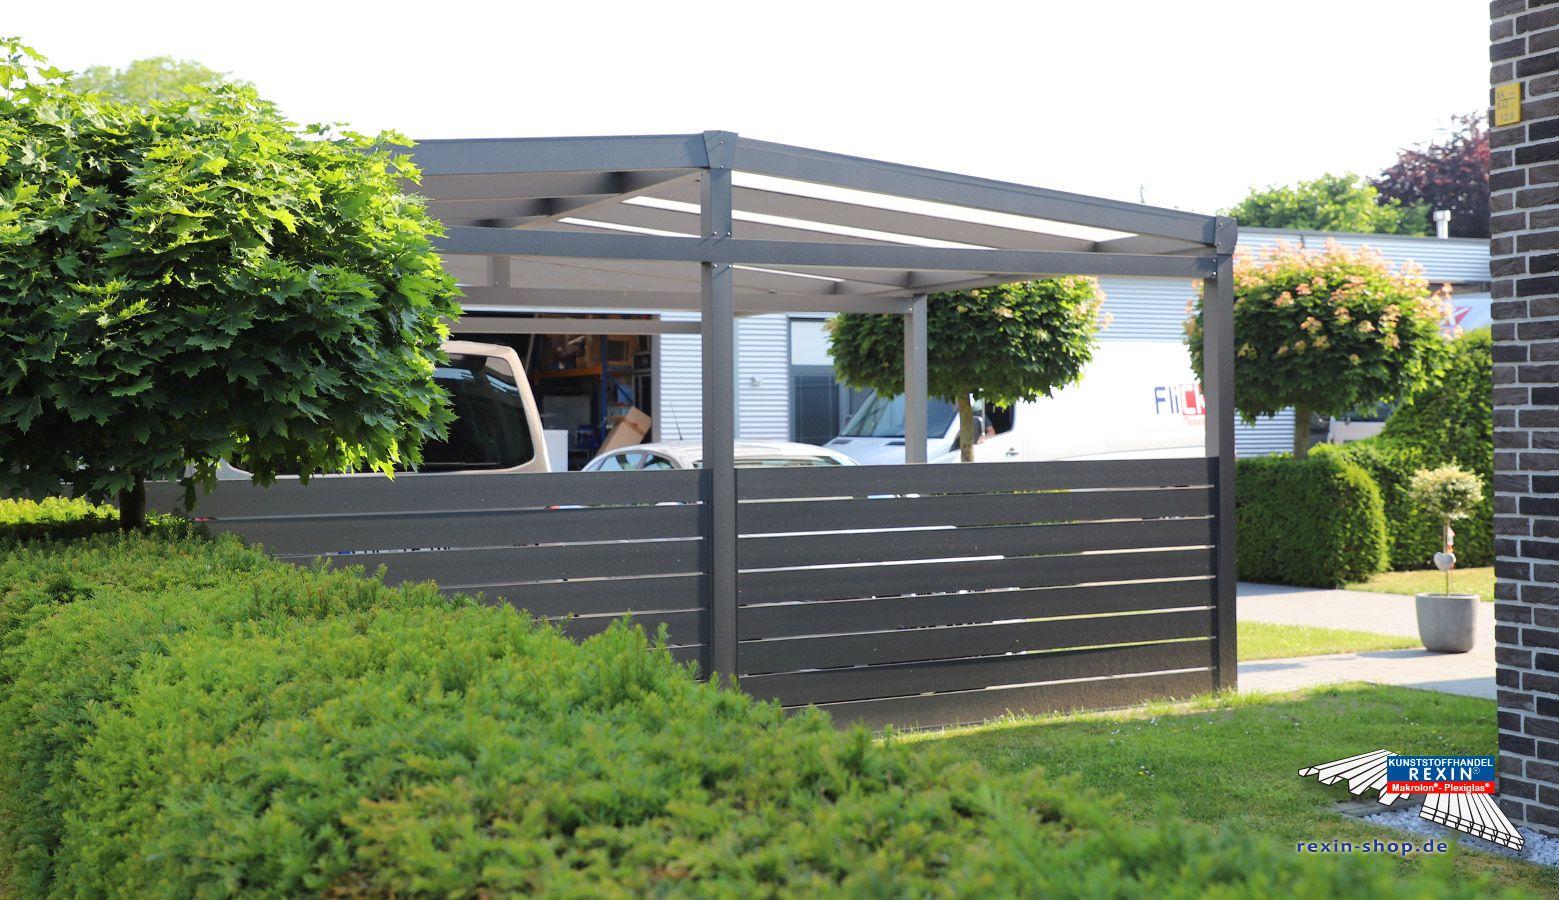 Ein Alu Carport Der Marke Rexoport 6m X 6m In Anthrazit Bei Diesem Freistehenden Aluminium Doppelcarport Mit Satteldach Carport Satteldach Alu Carport Carport